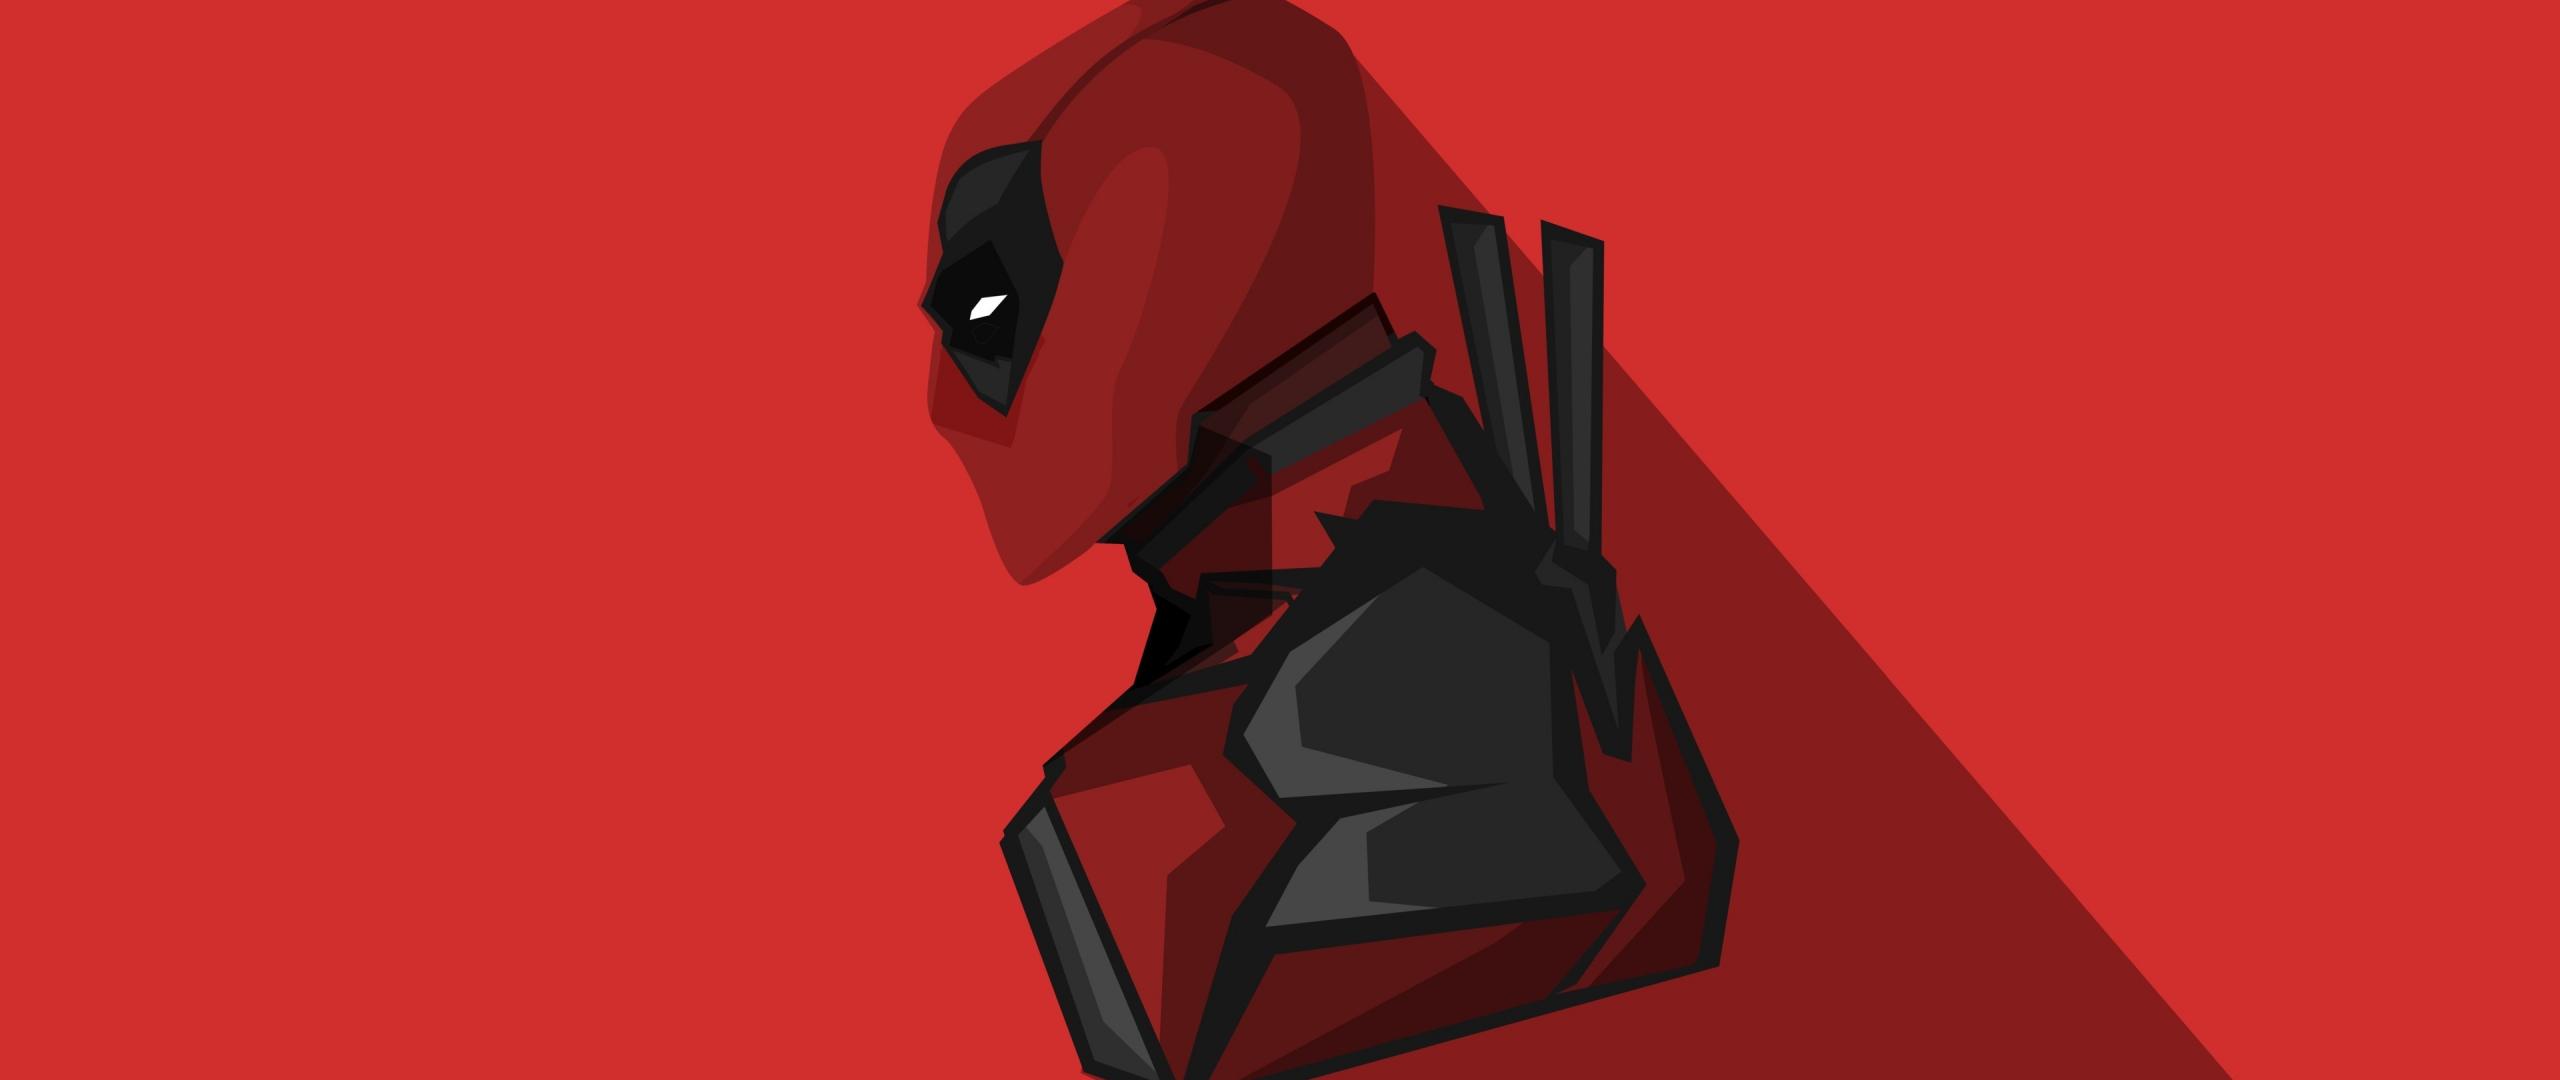 Download 2560x1080 Wallpaper Deadpool Marvel Comics